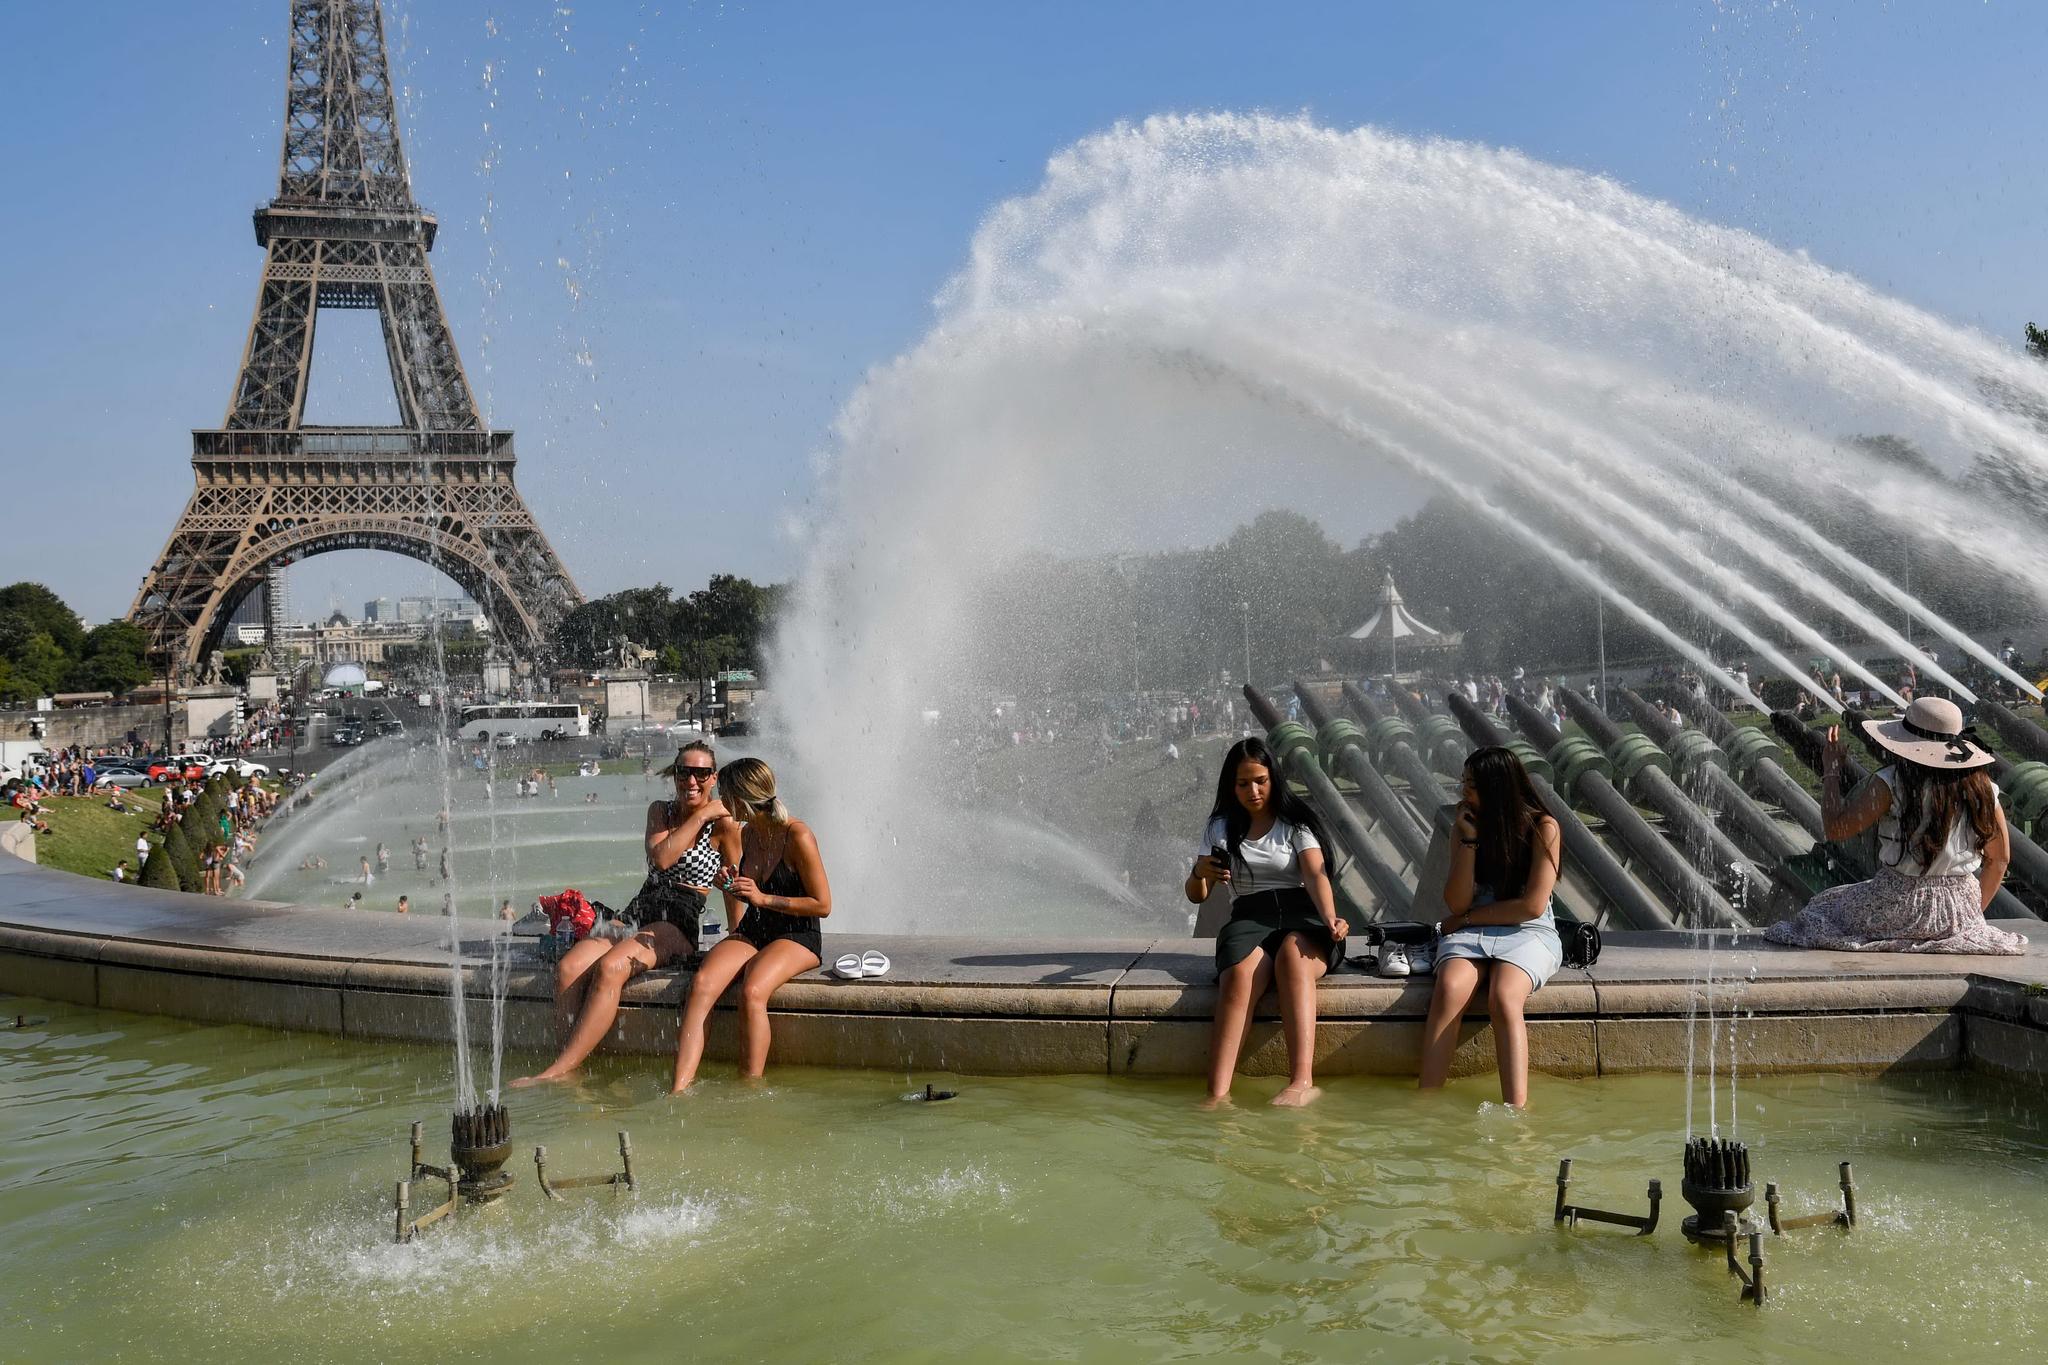 폭염이 기승을 부린 지난 7월 프랑스 파리 에펠탑 인근 분수대에서 시민들이 더위를 식히고 있다. [AFP=연합]